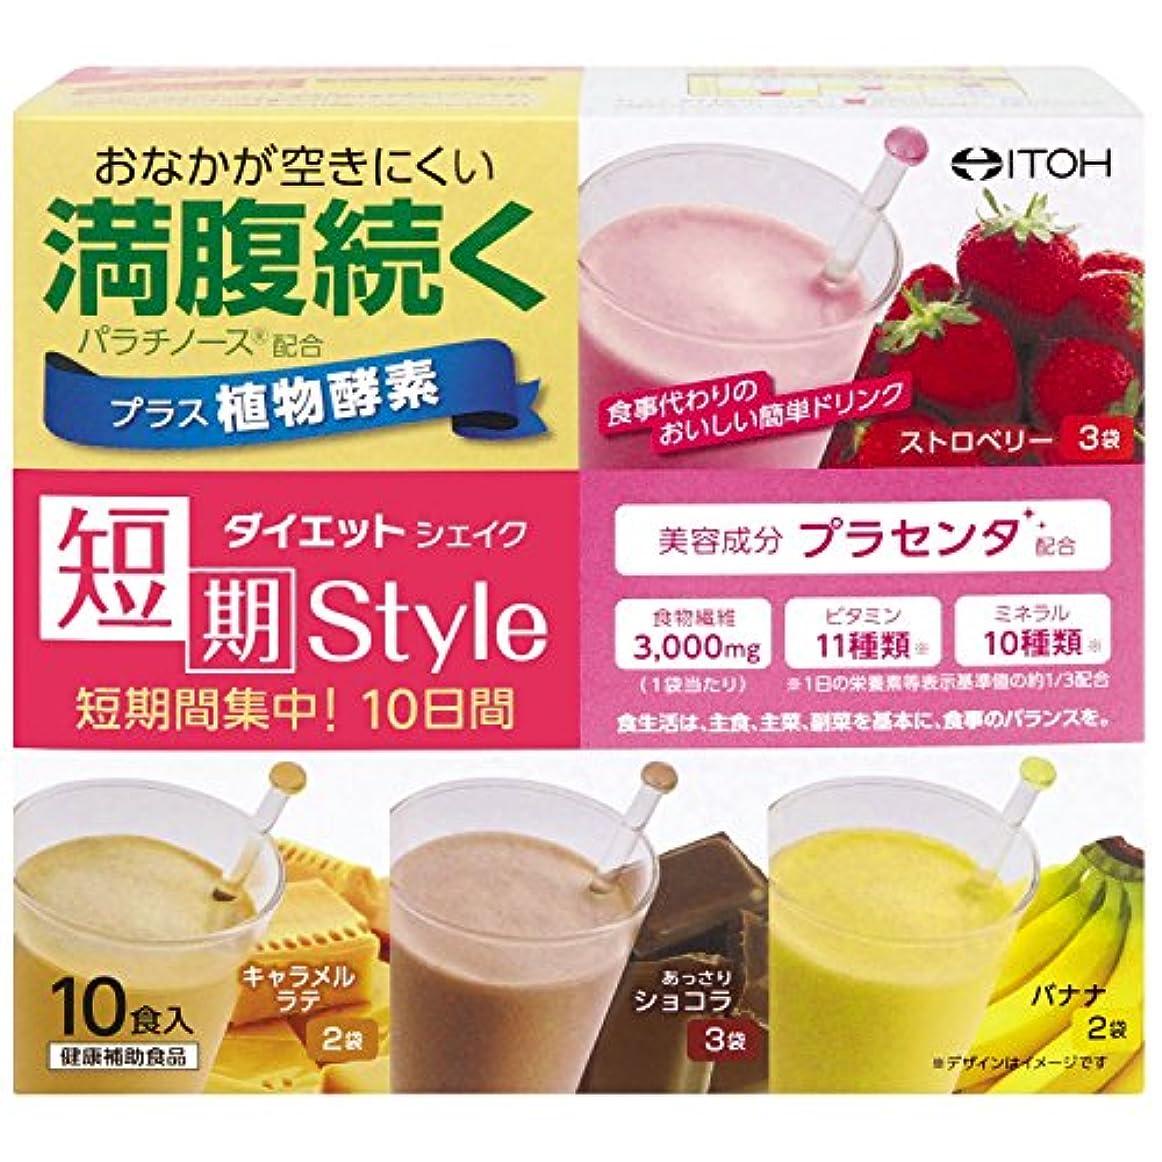 翻訳者謝罪するトースト井藤漢方製薬 短期スタイル ダイエットシェイク 25g×10袋